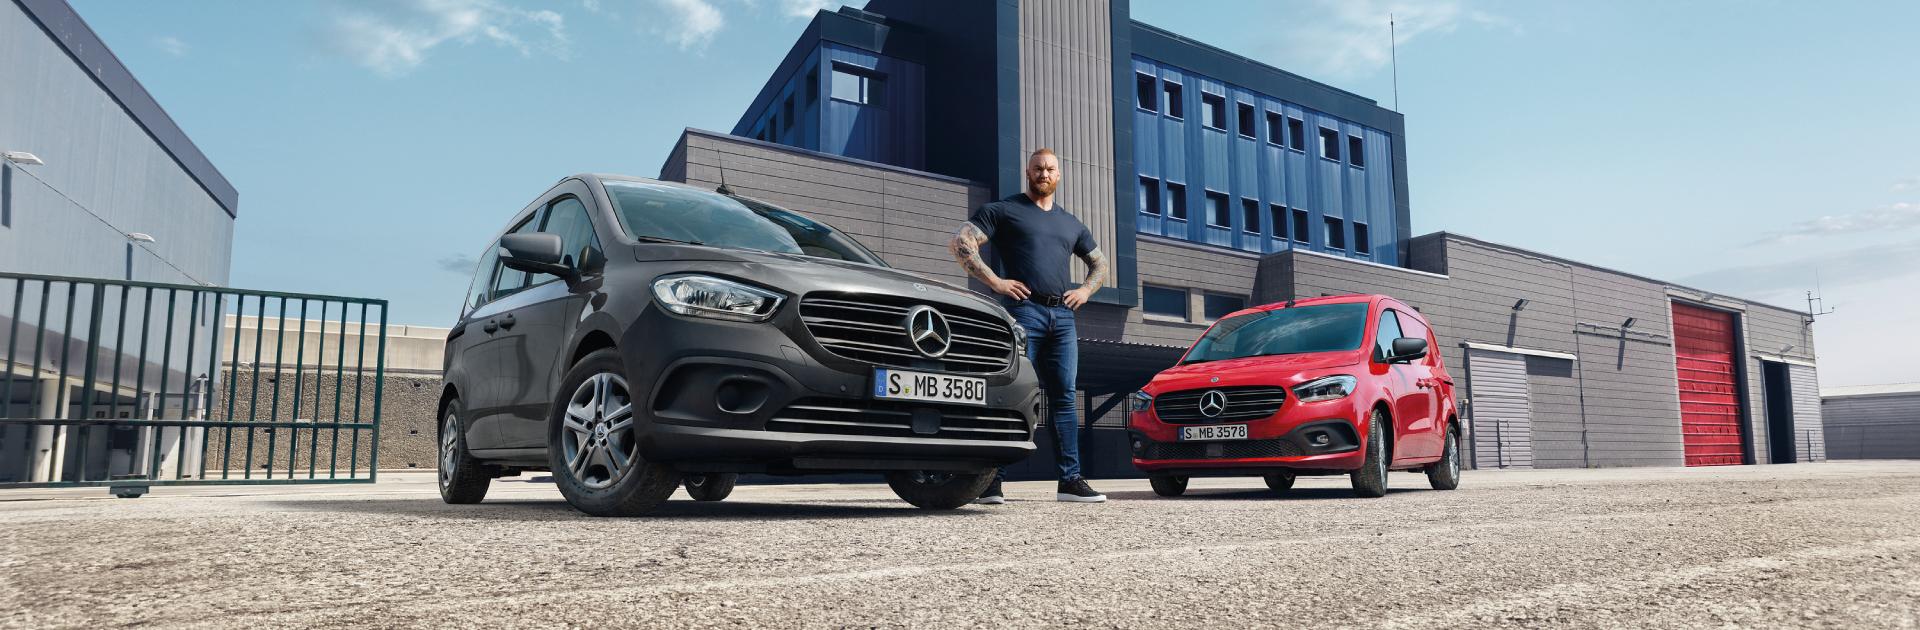 Mercedes-Benz Citan 2021 - Frühbuchervorteil bei MAX